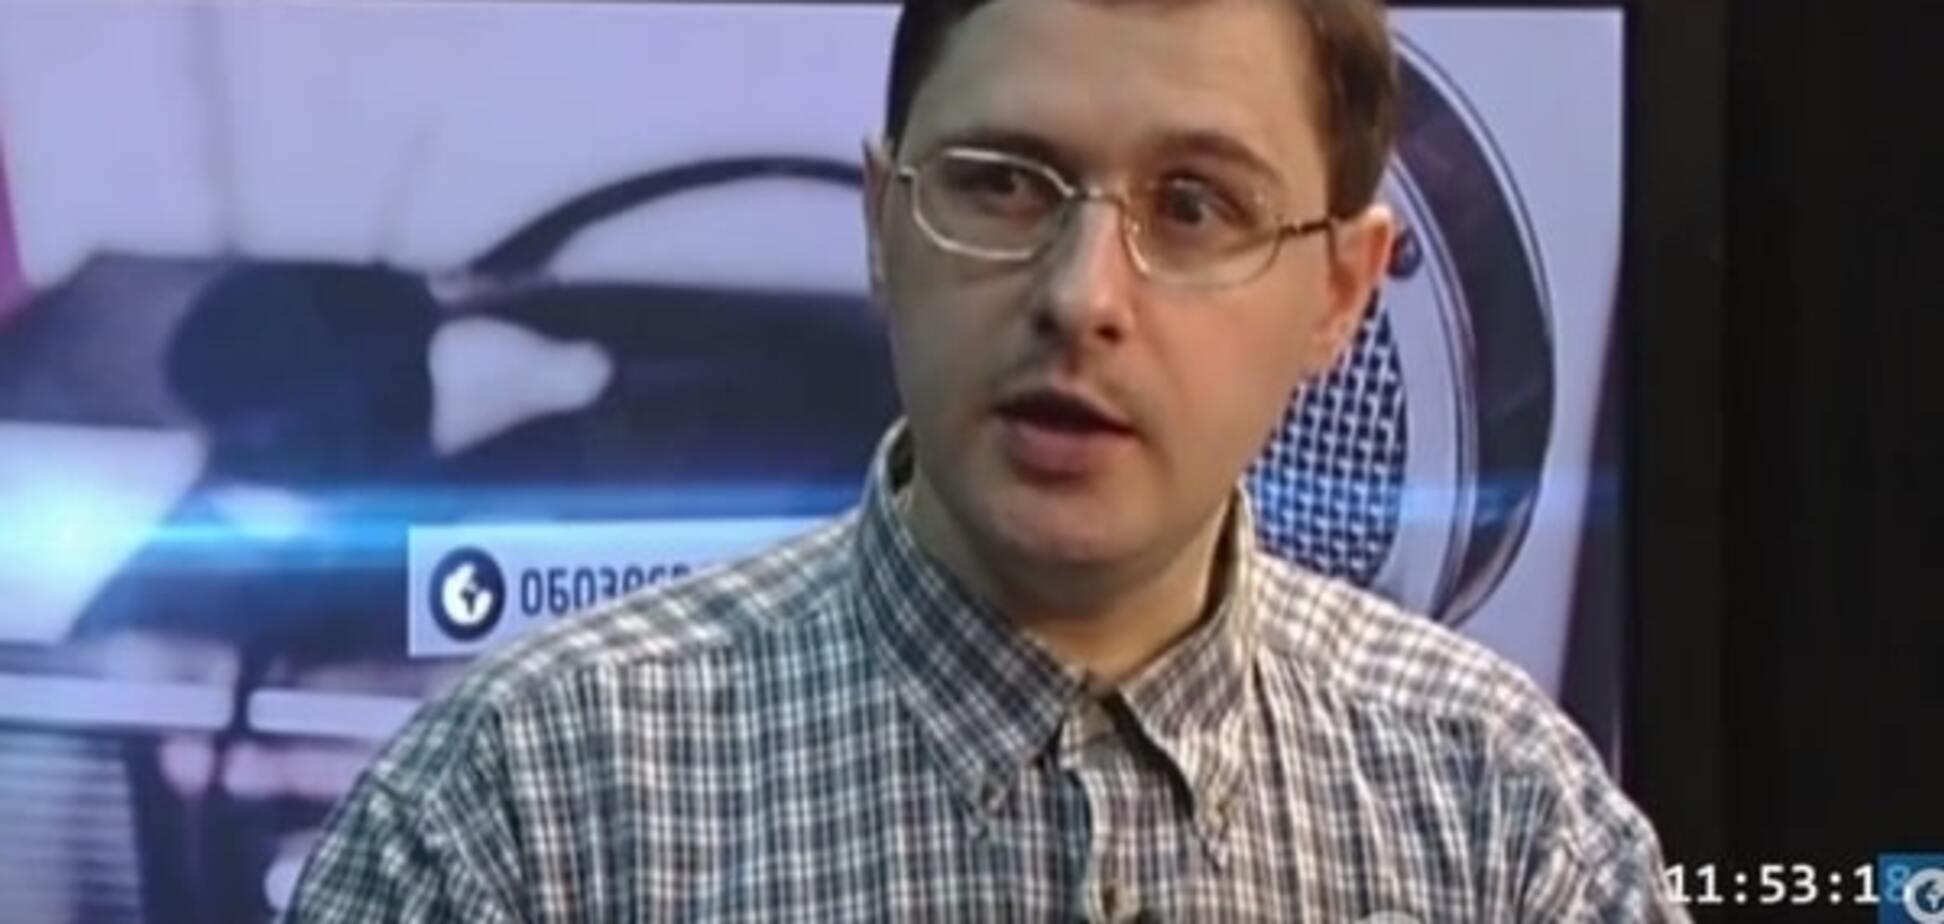 Украинские хакеры заблокировали более 100 сайтов ФСБ и террористов